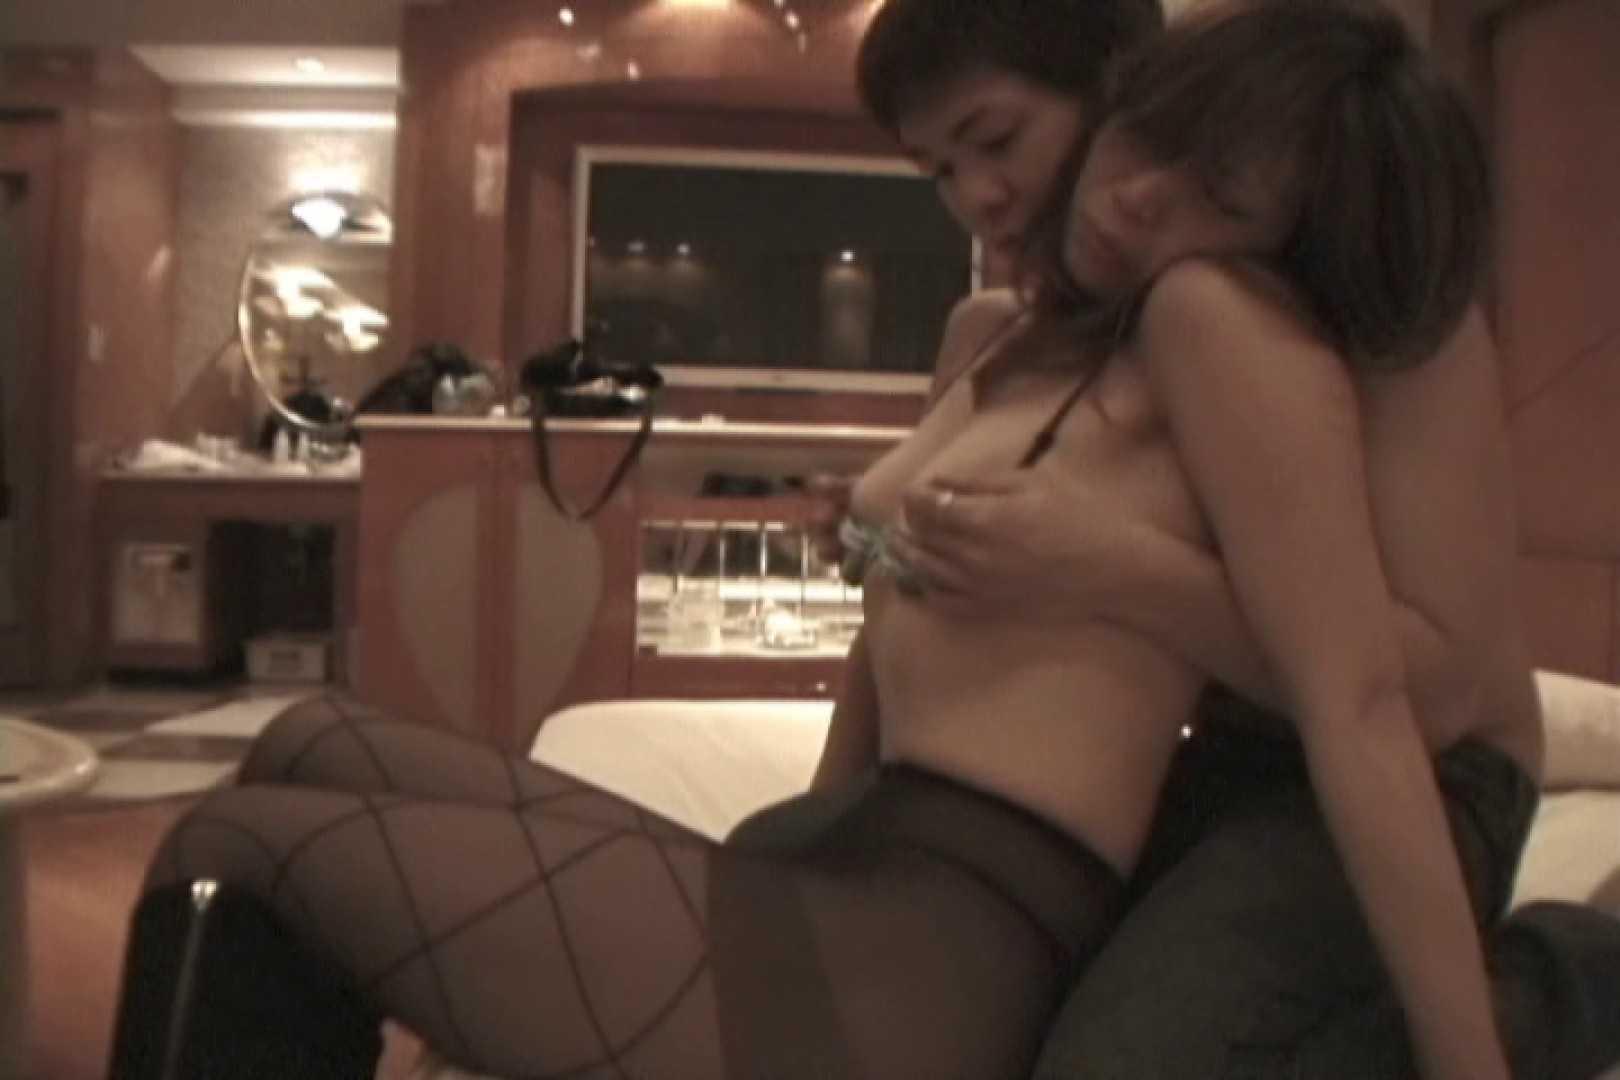 敏感な私の体を好きにして~川田さやか~ 乳首 覗きおまんこ画像 99pic 62